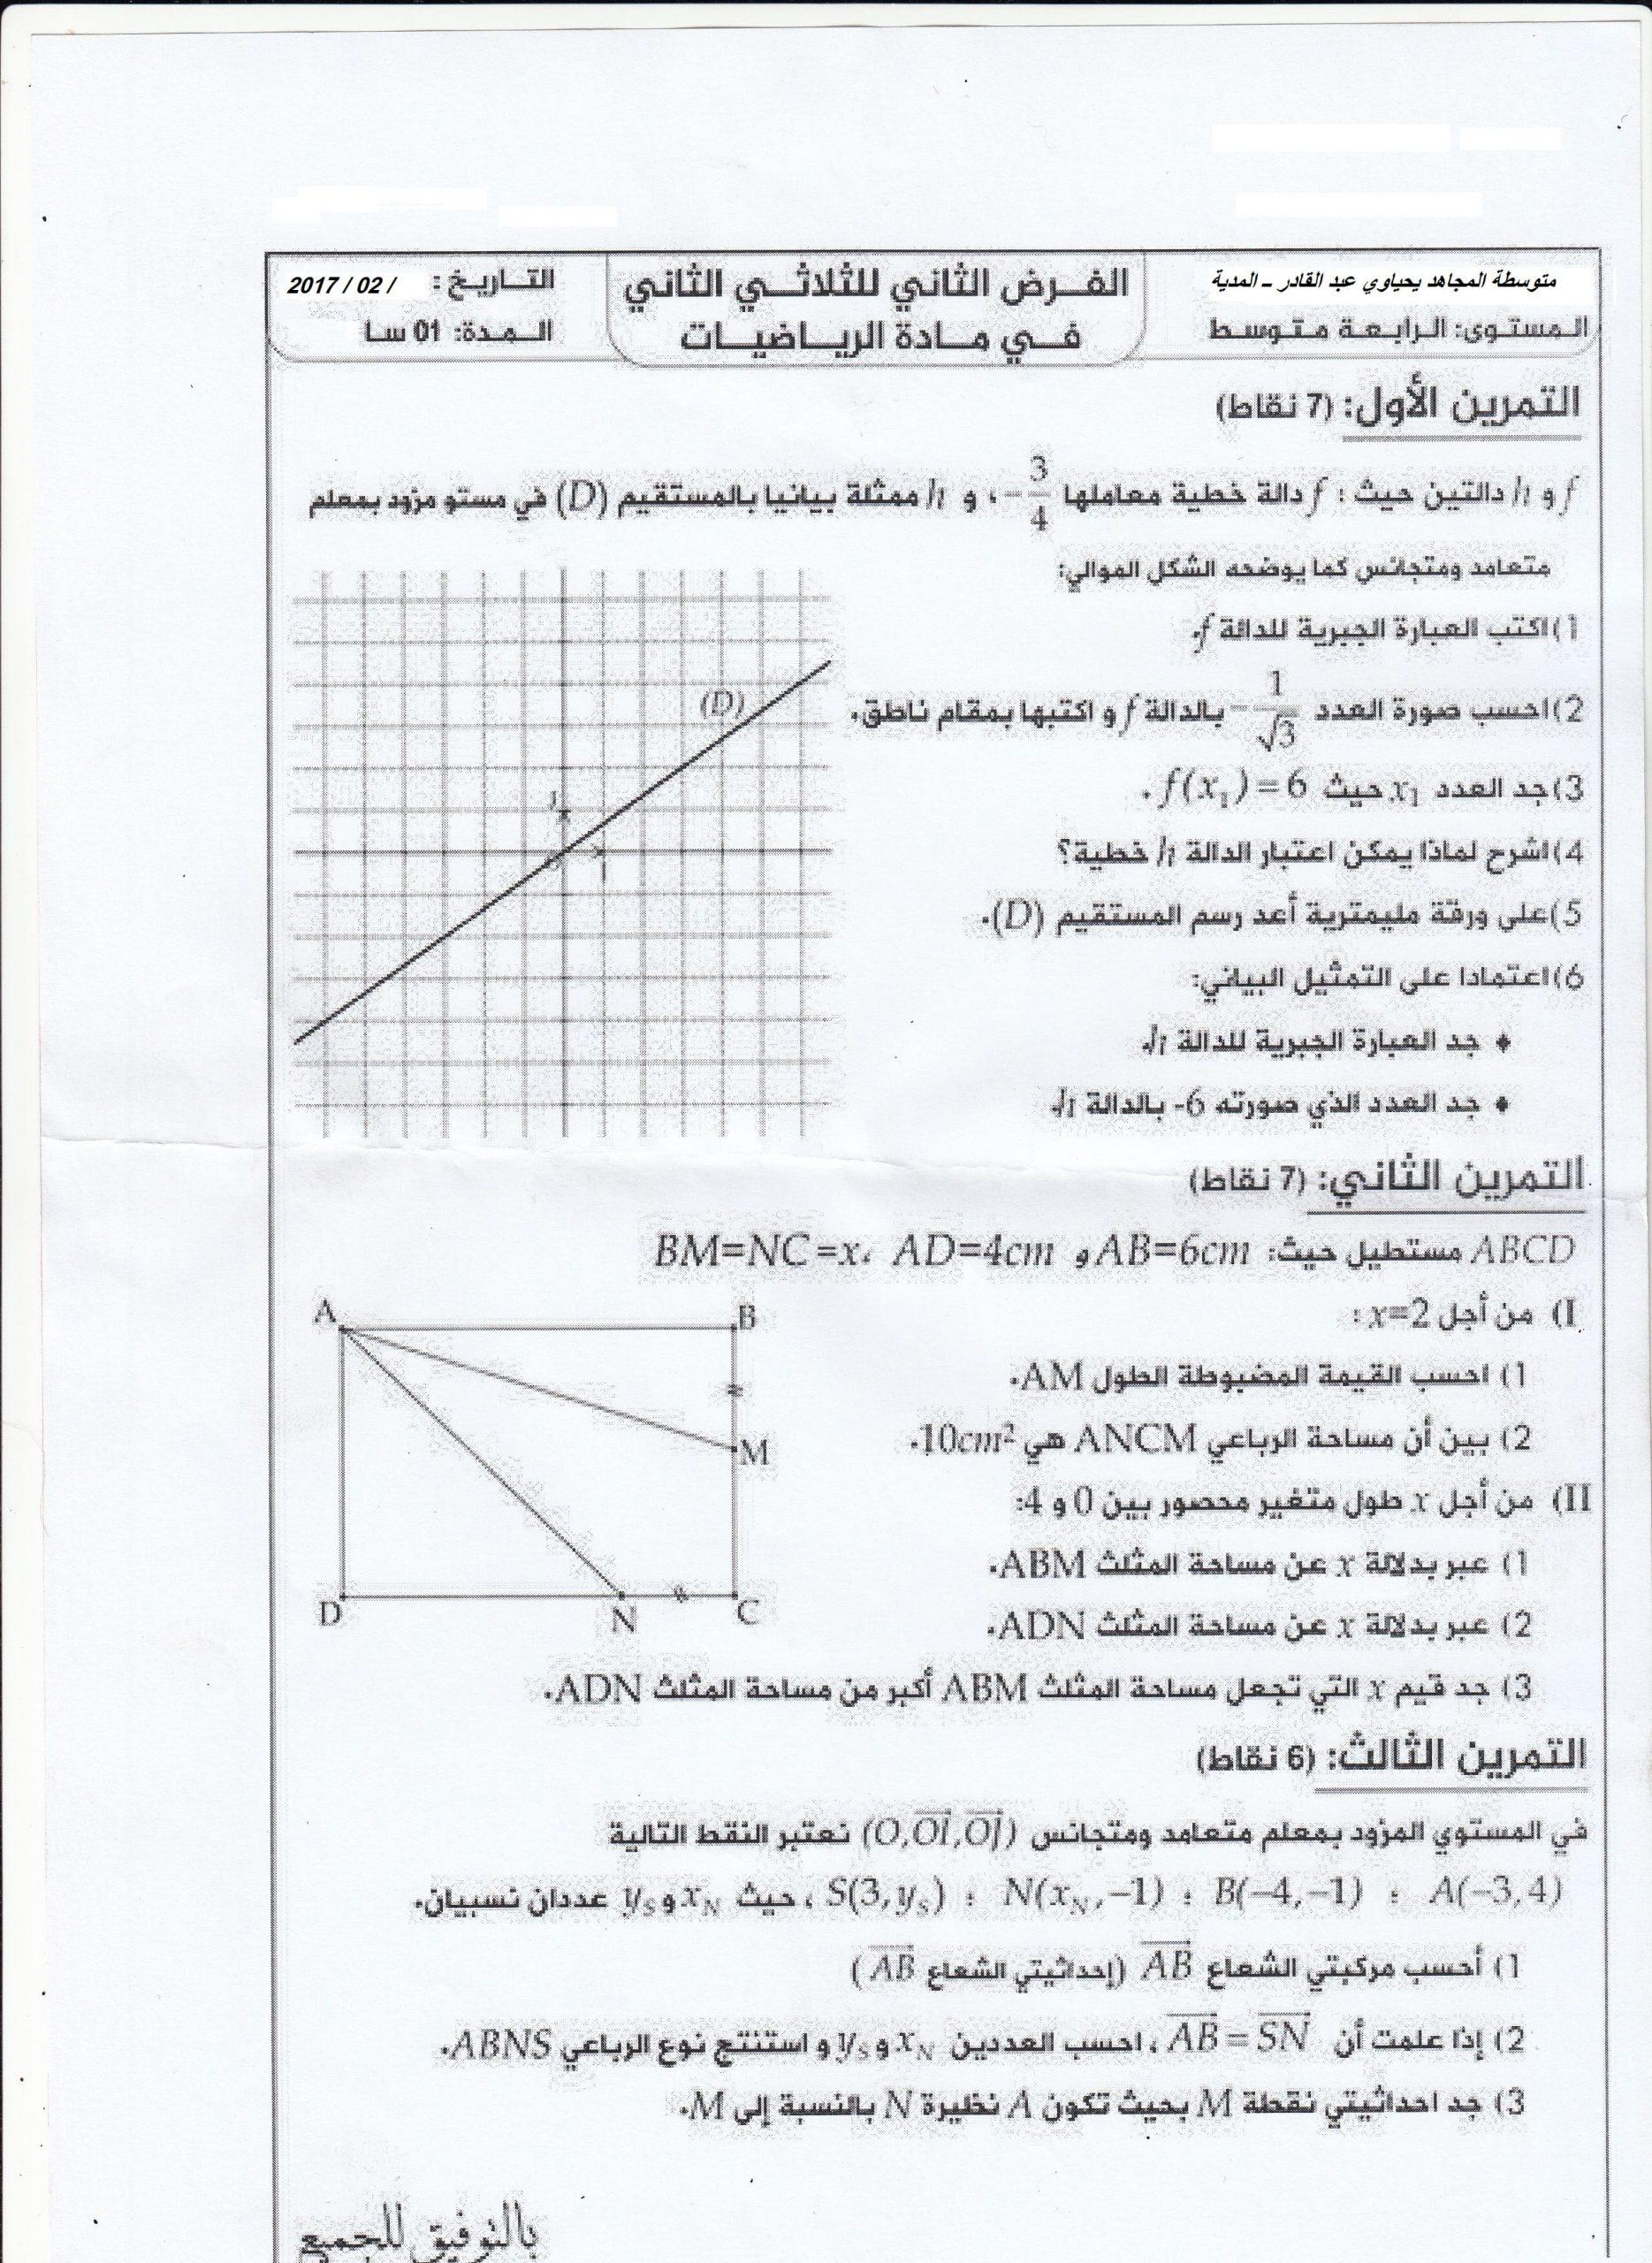 اختبار الفصل الثاني في مادة الرياضيات السنة الرابعة متوسط   الموضوع 02